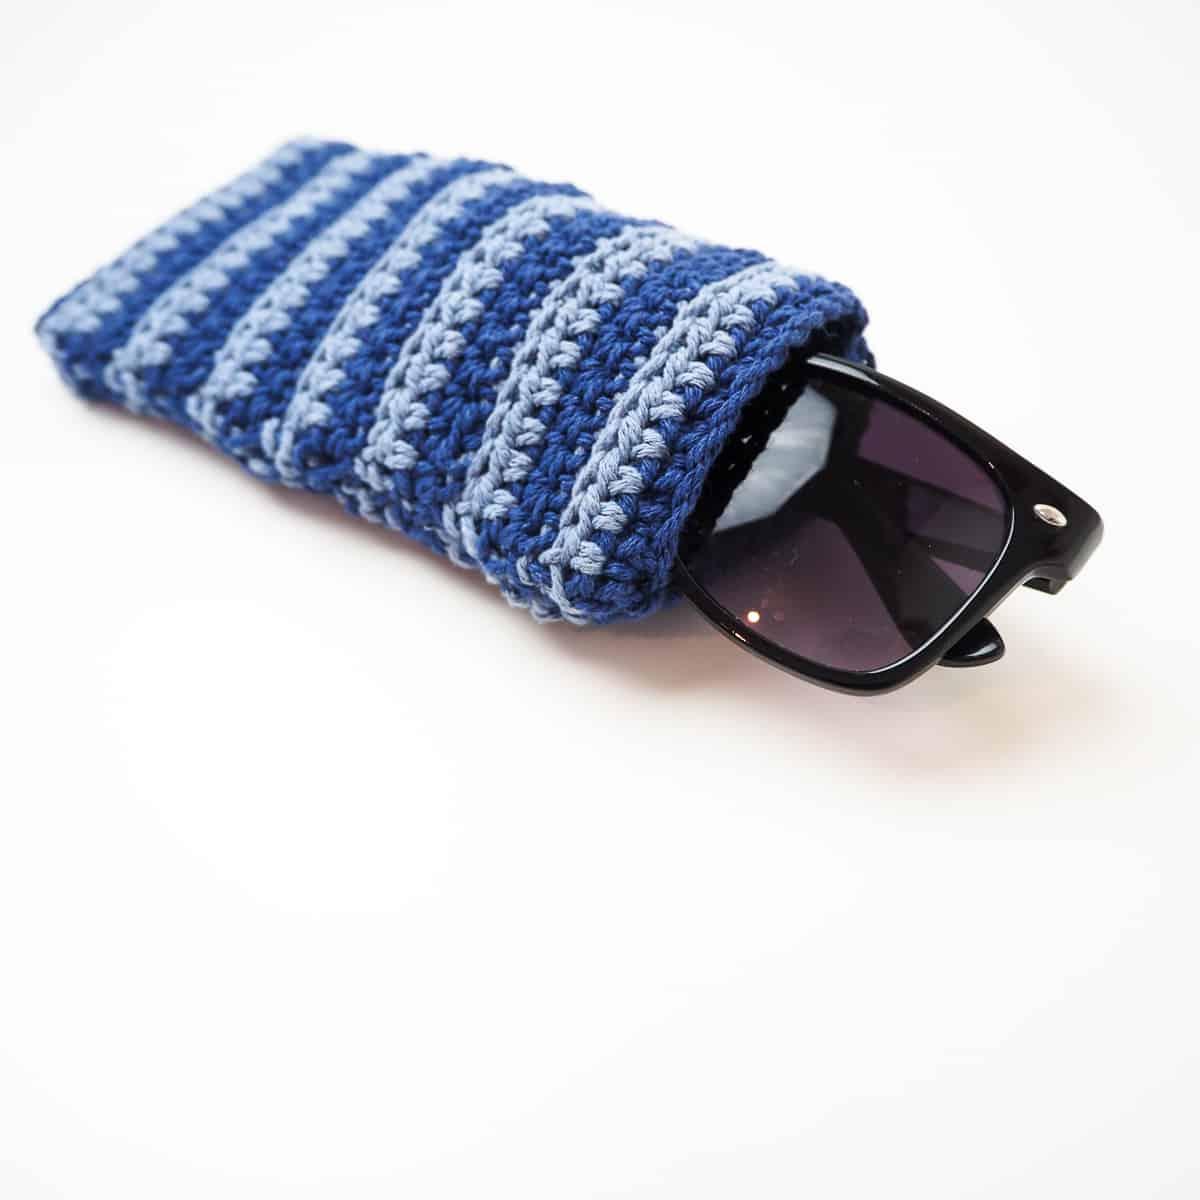 SBC 3 crochet striped sunglasses pouch 9